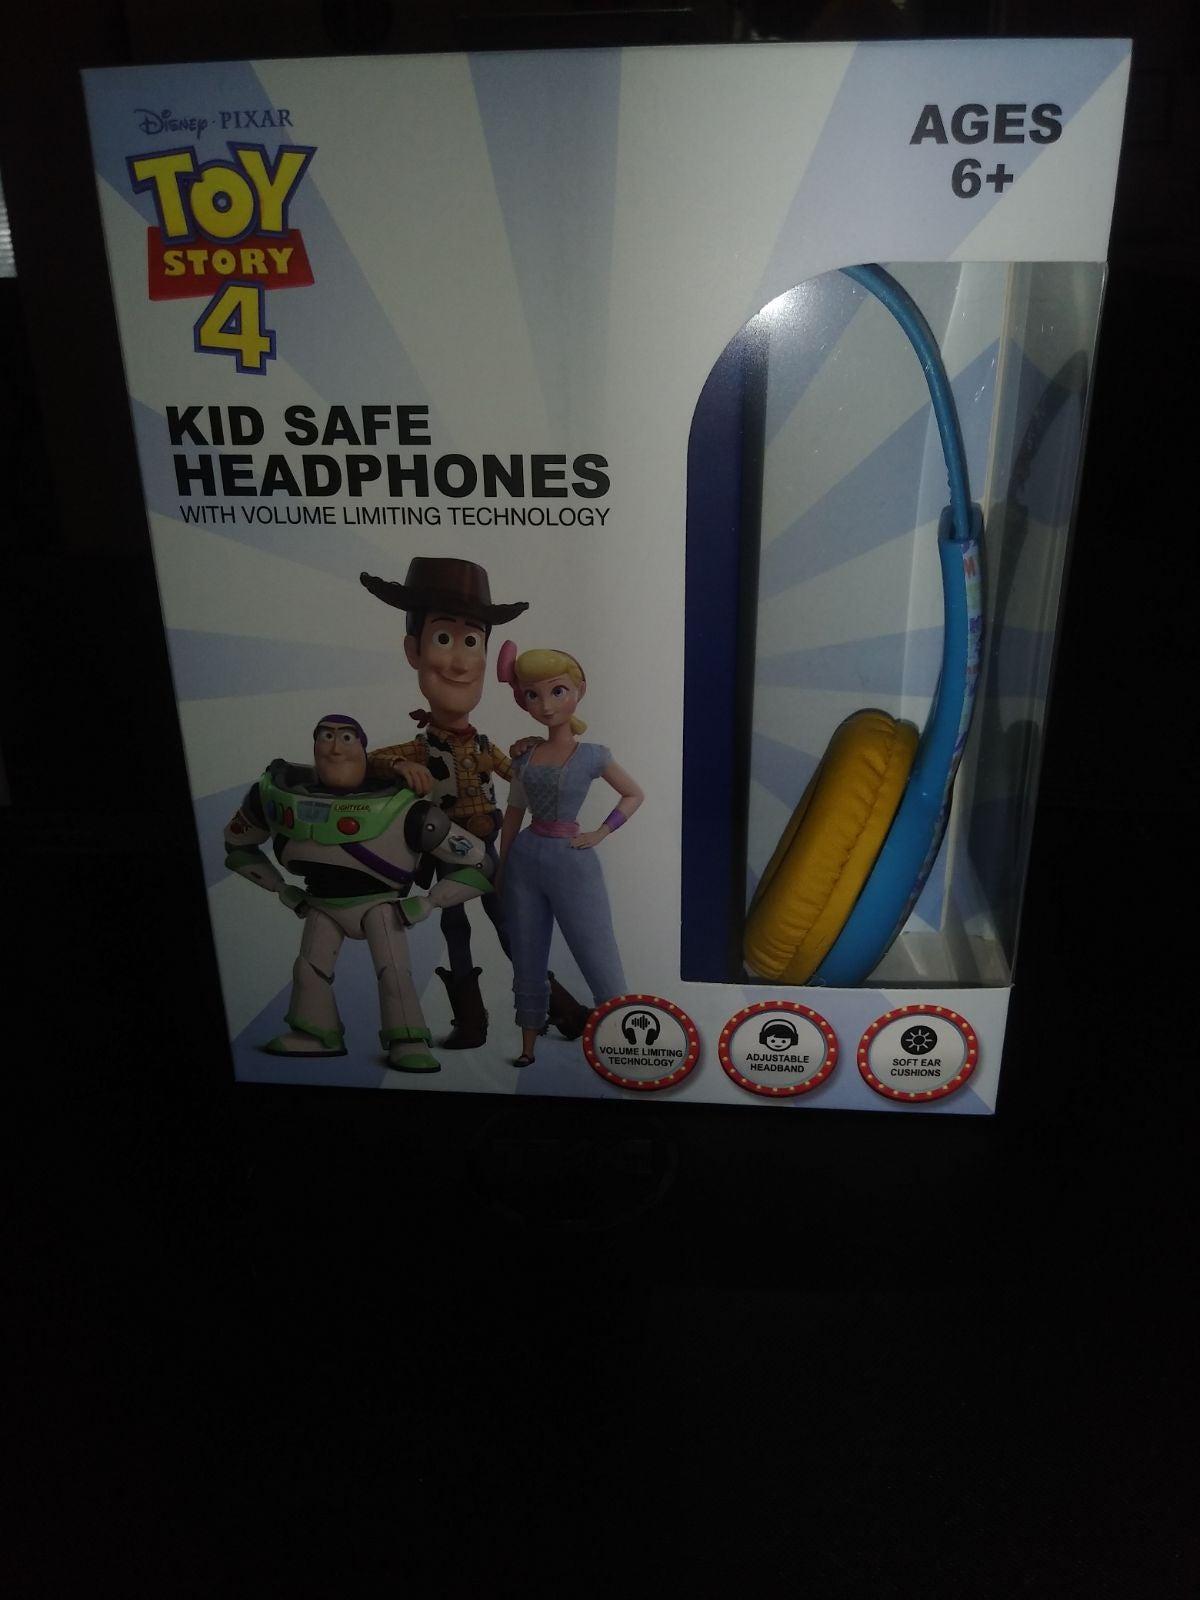 Toy stories 4 kids safe headphones